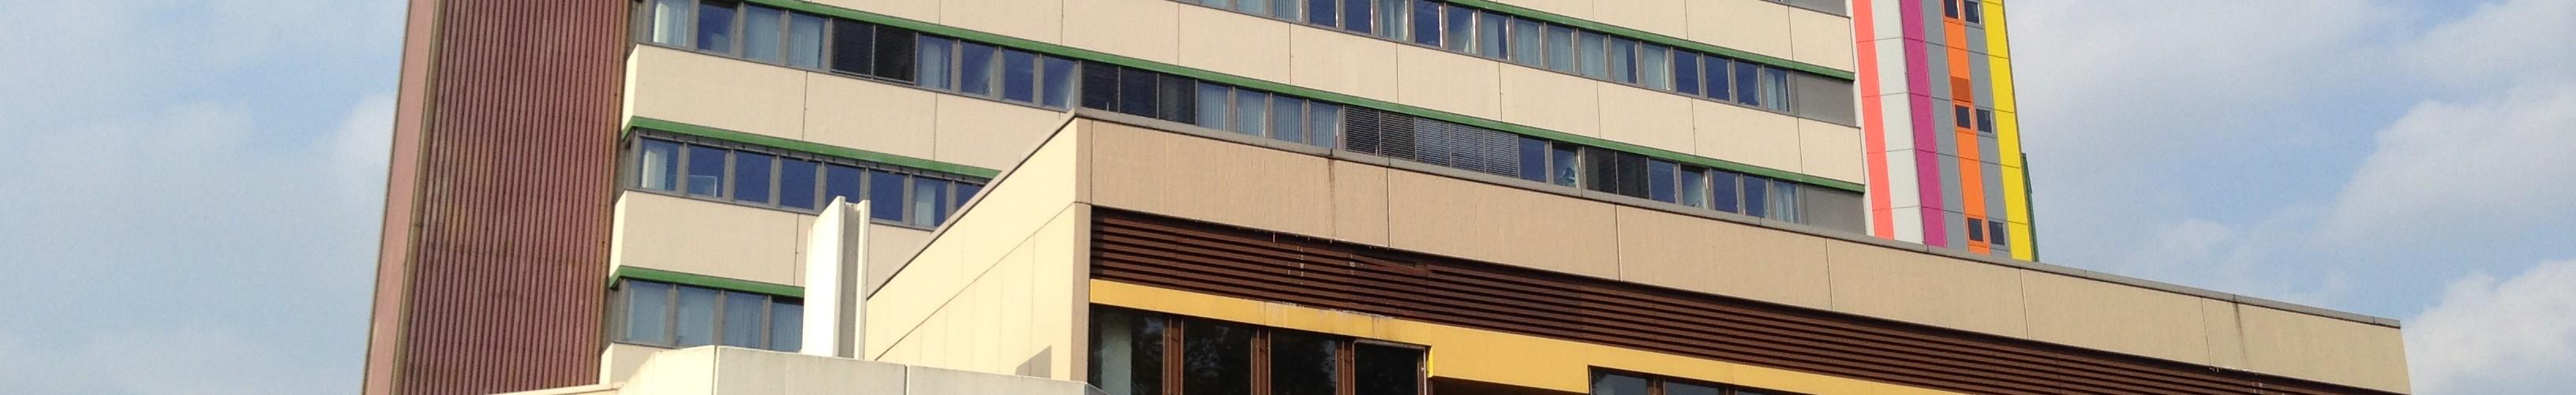 Seniorenstudium Köln